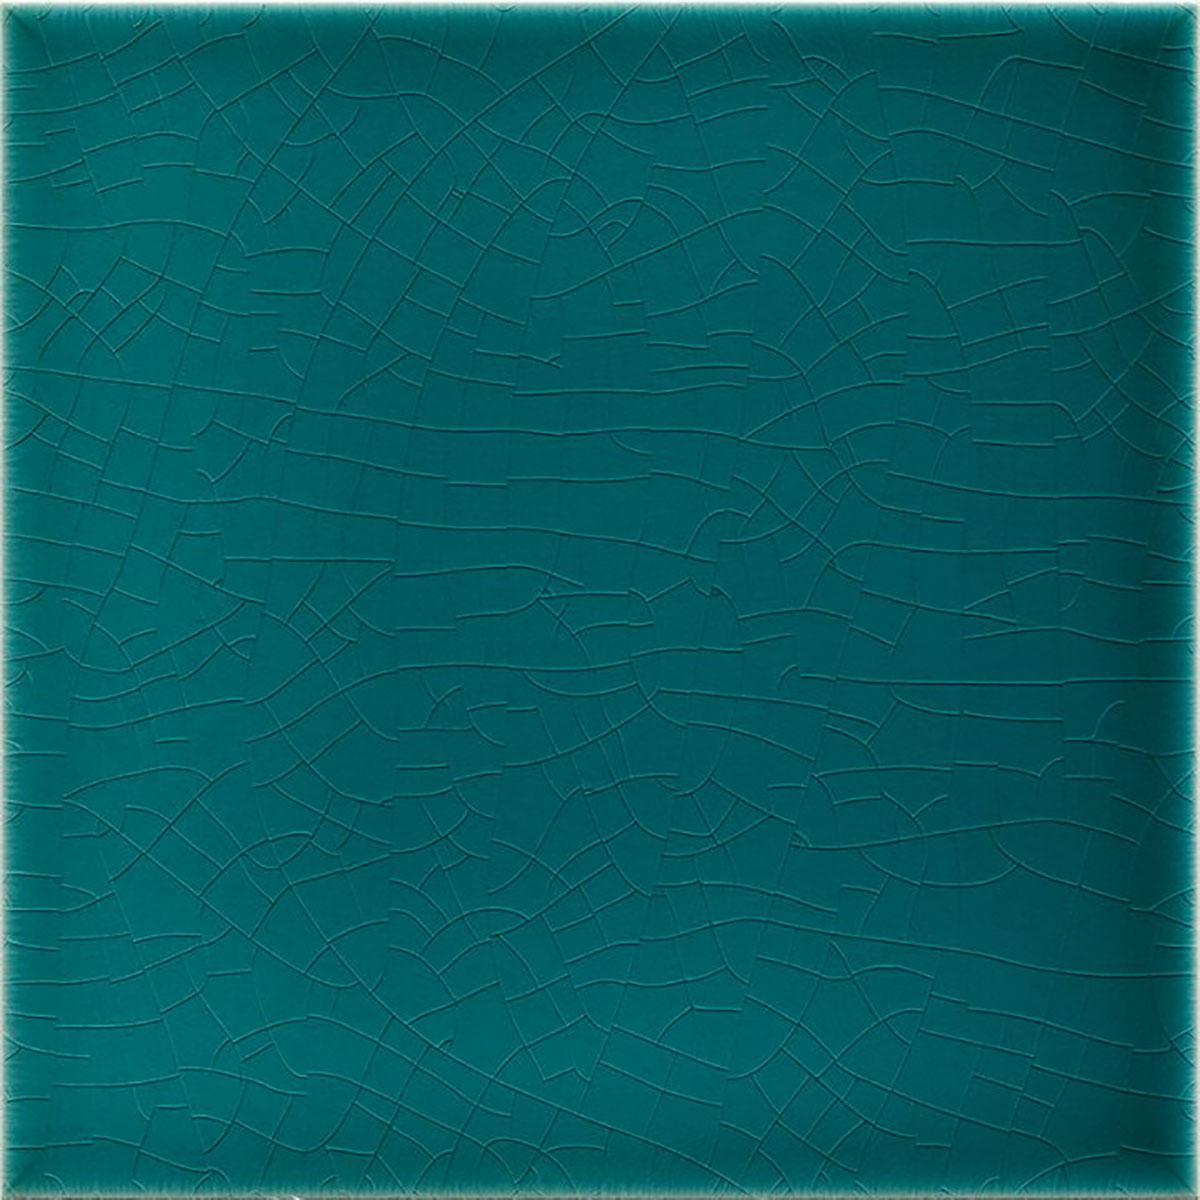 187 Wall Tile Art Nouveau Dark Turquoise 171 Von Replicata 150